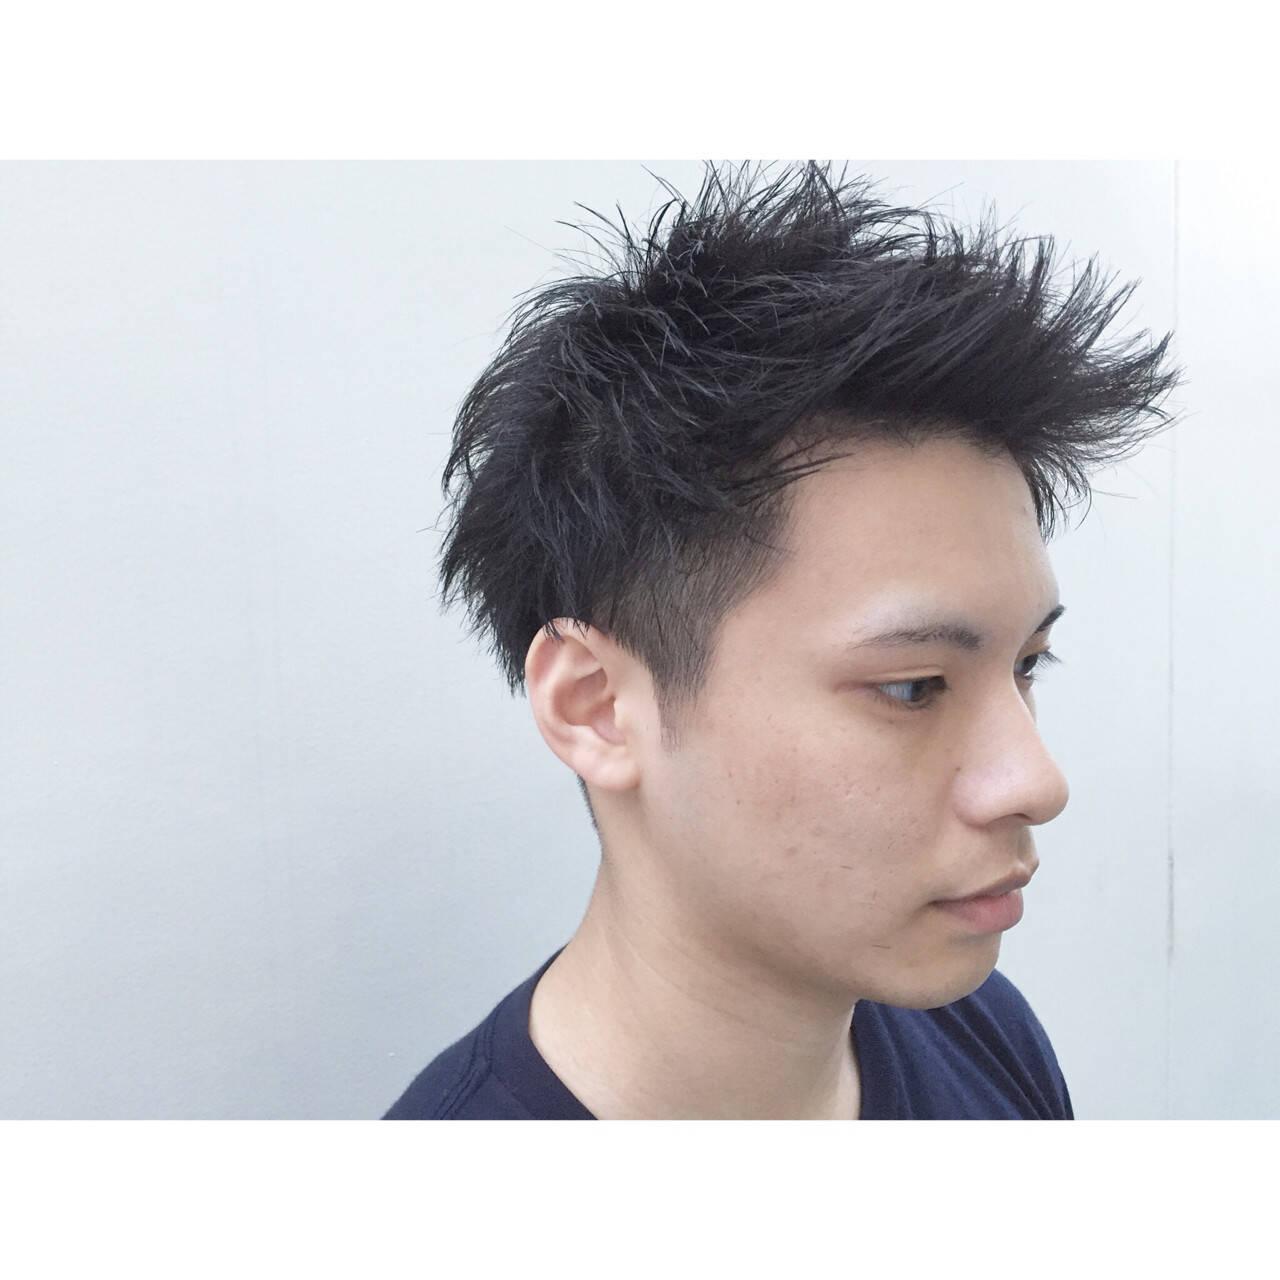 ナチュラル パーマ ショート 刈り上げヘアスタイルや髪型の写真・画像